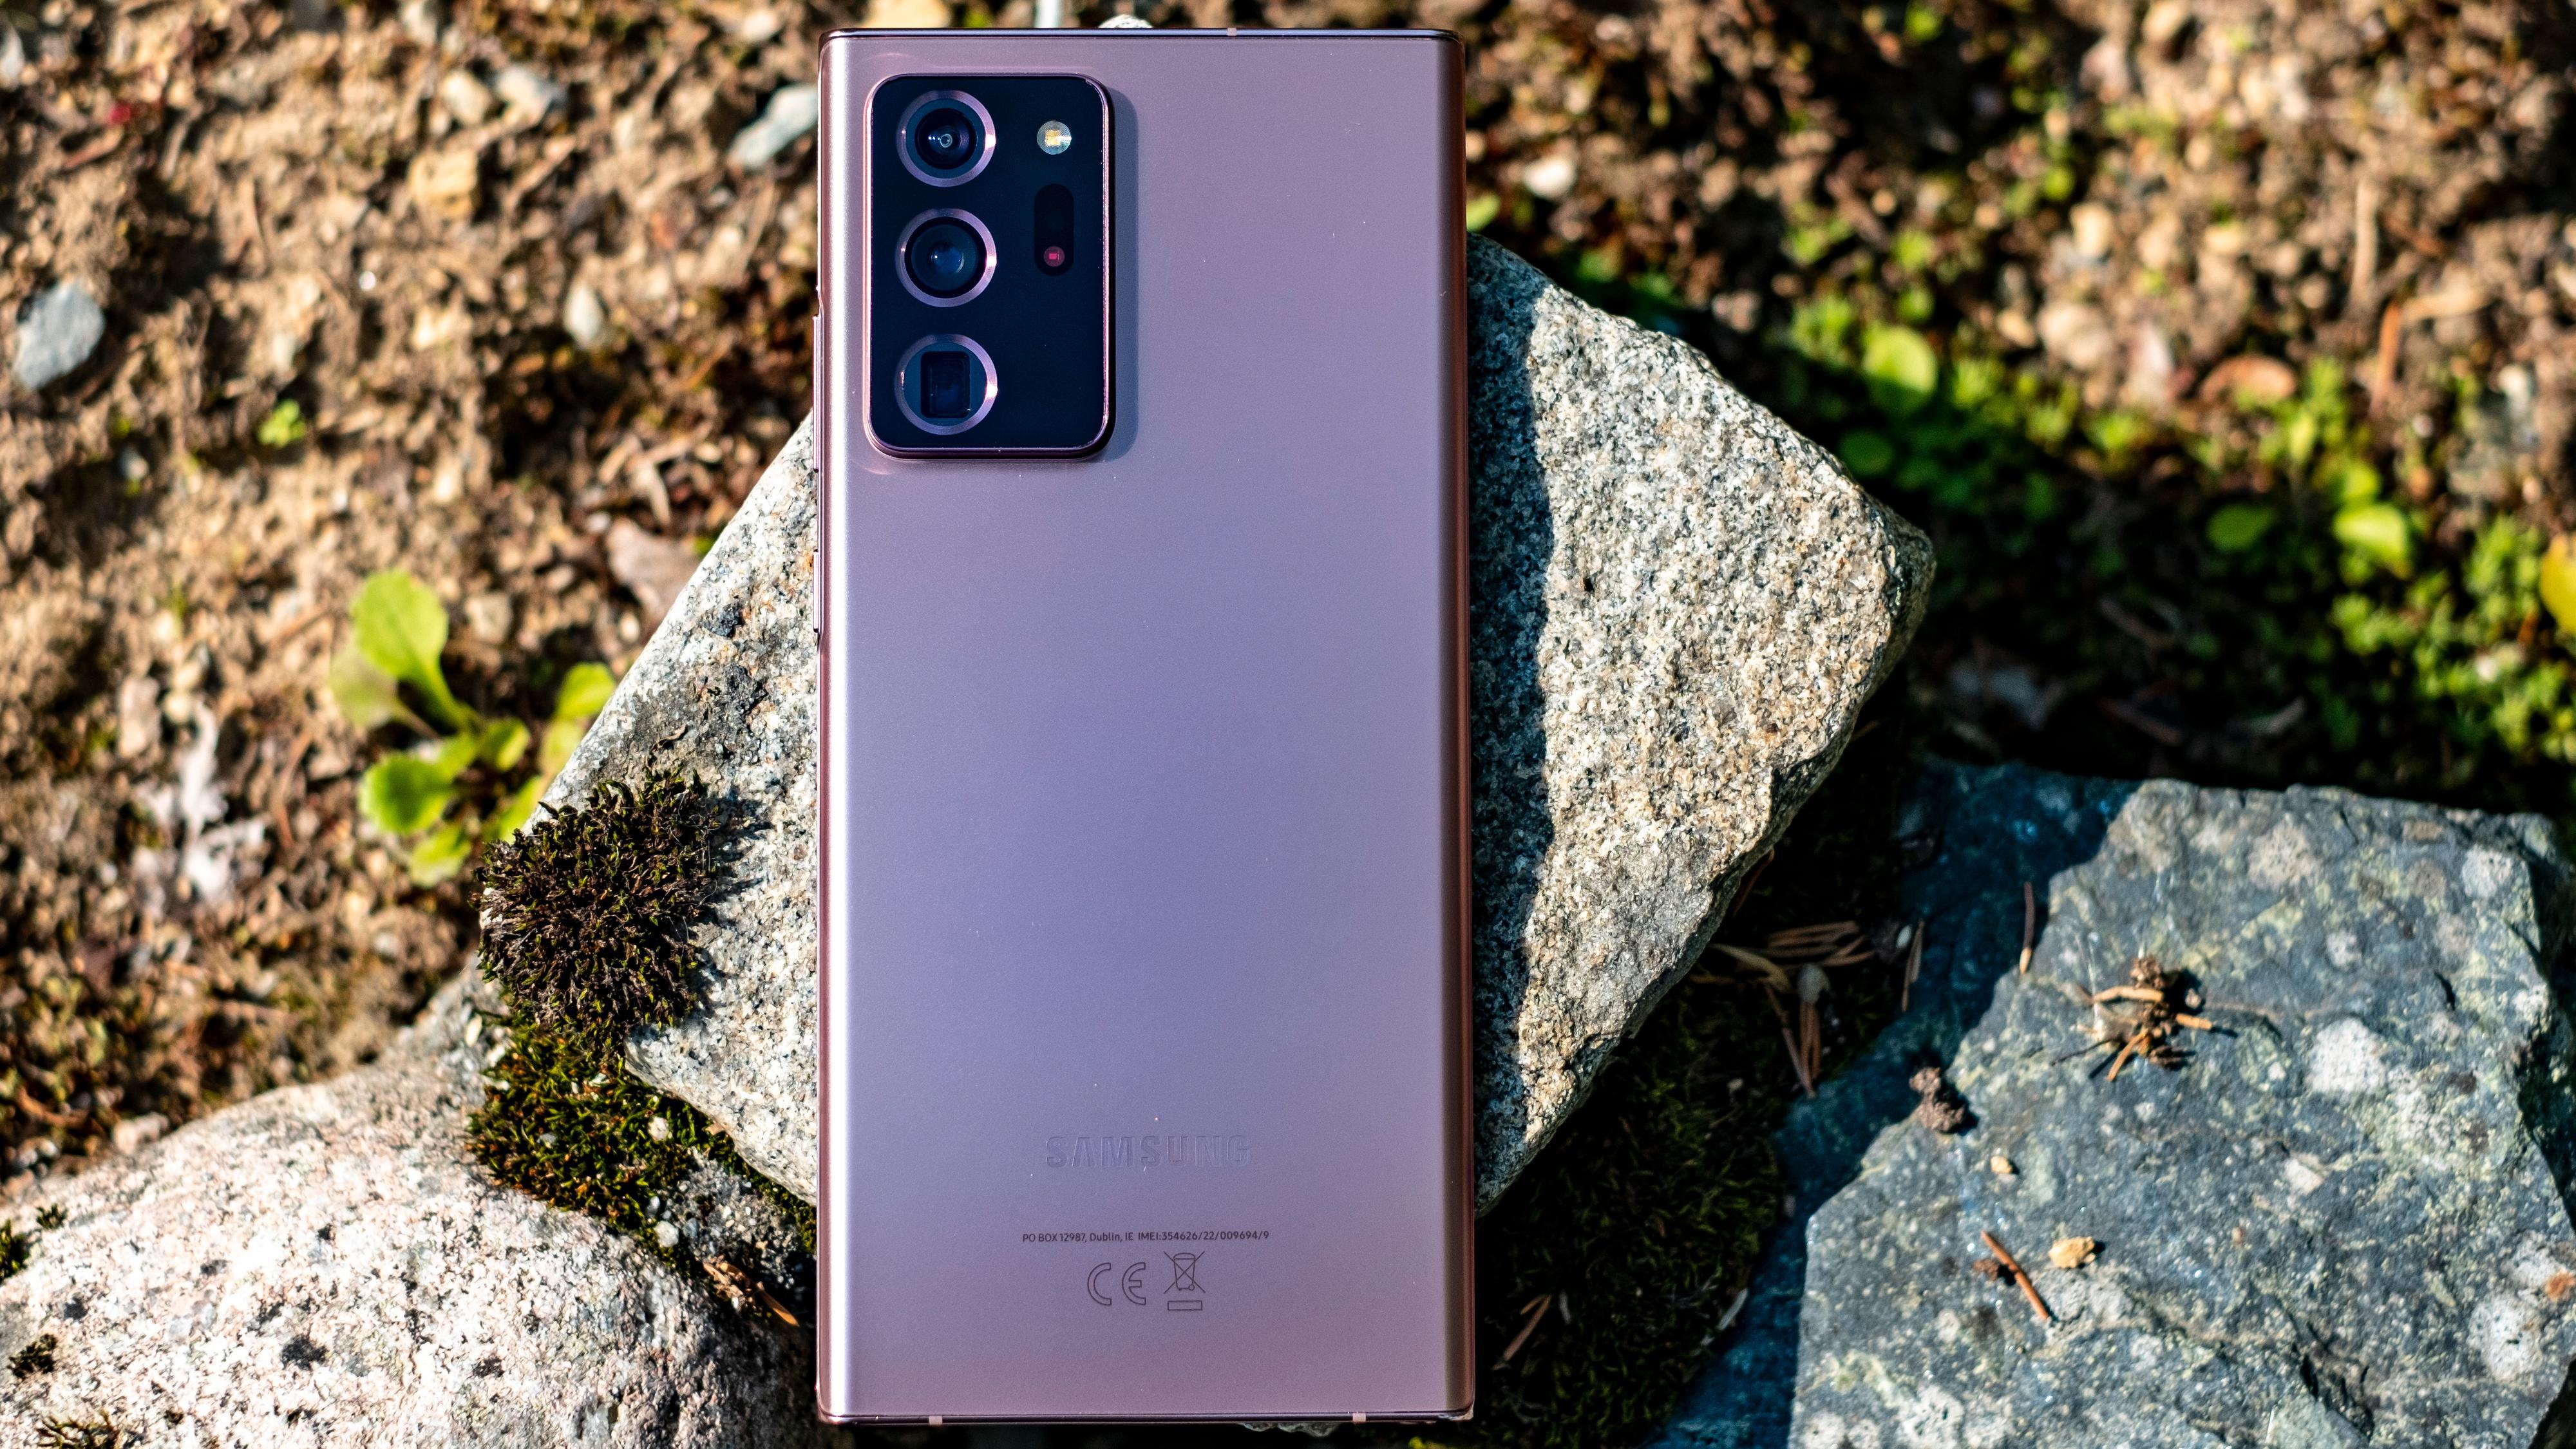 Batteritiden kunne vært bedre. Utover det er Galaxy Note 20 Ultra et overflødighetshorn av en verktøykasse - der til og med 50 ganger zoom ikke er en helt gal påstand. Det funker faktisk - til sitt bruk.